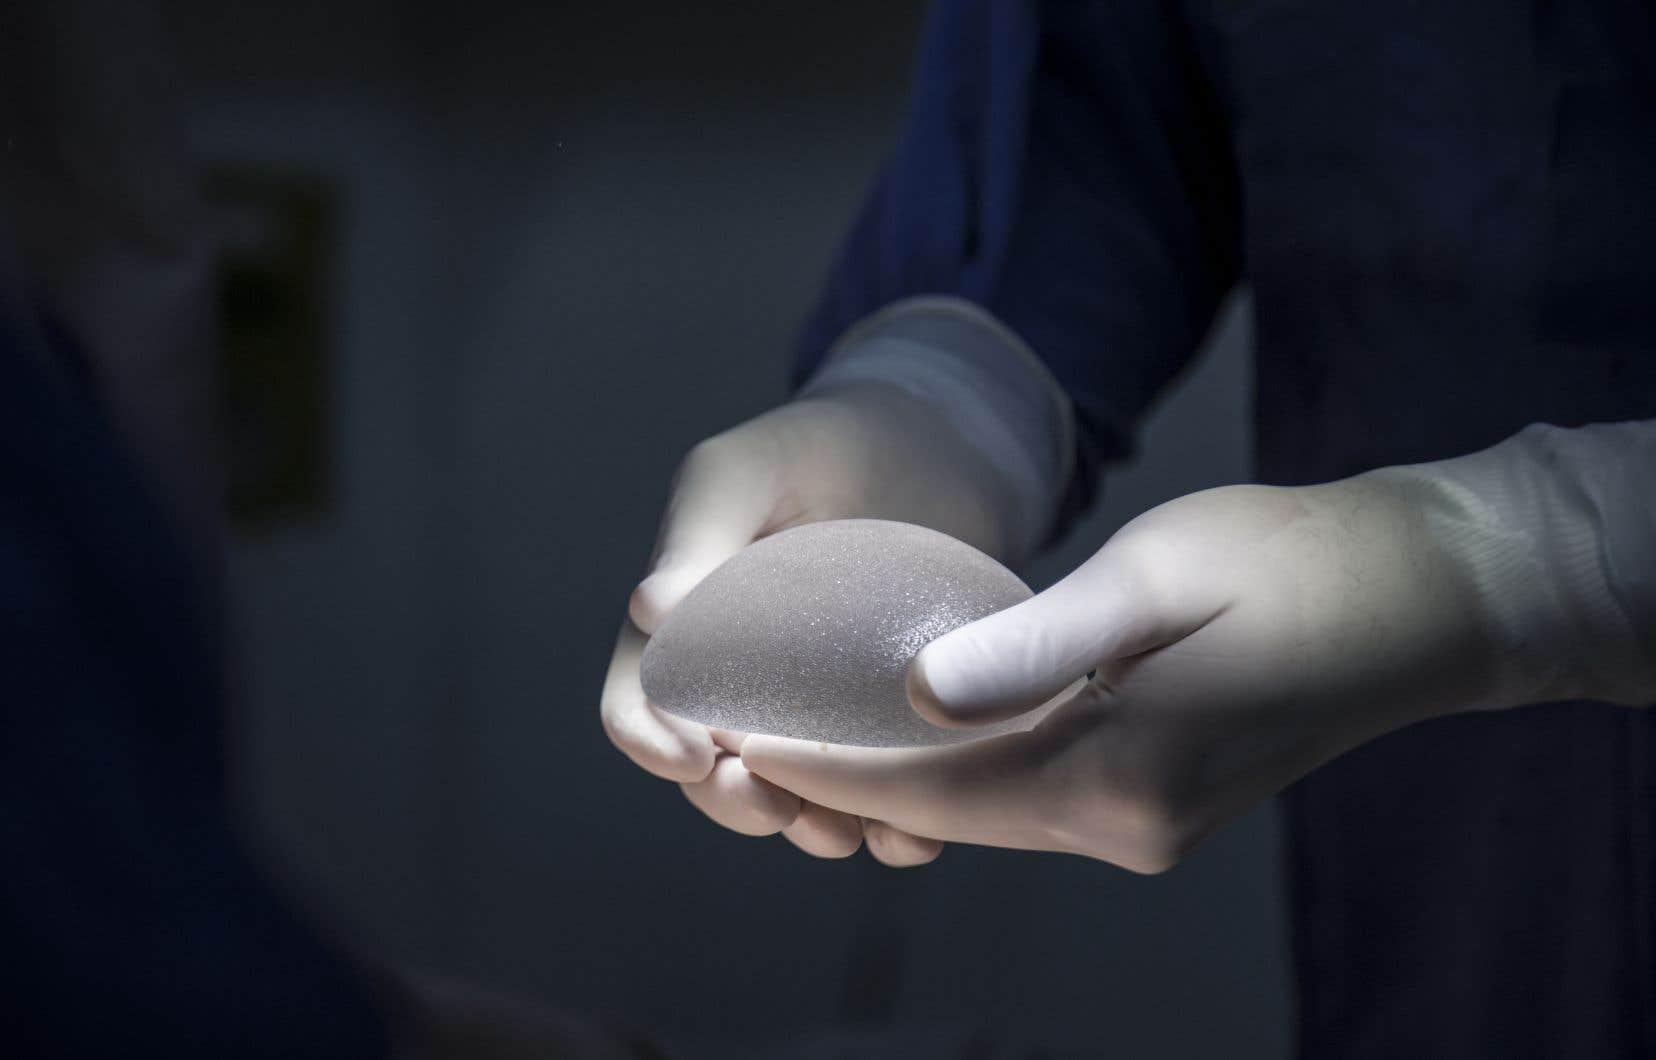 Santé Canada adéclaré avoir été informée de 22 cas confirmés de lymphome associé à des implants mammaires au Canada impliquant des implants texturés Biocell d'Allergan.